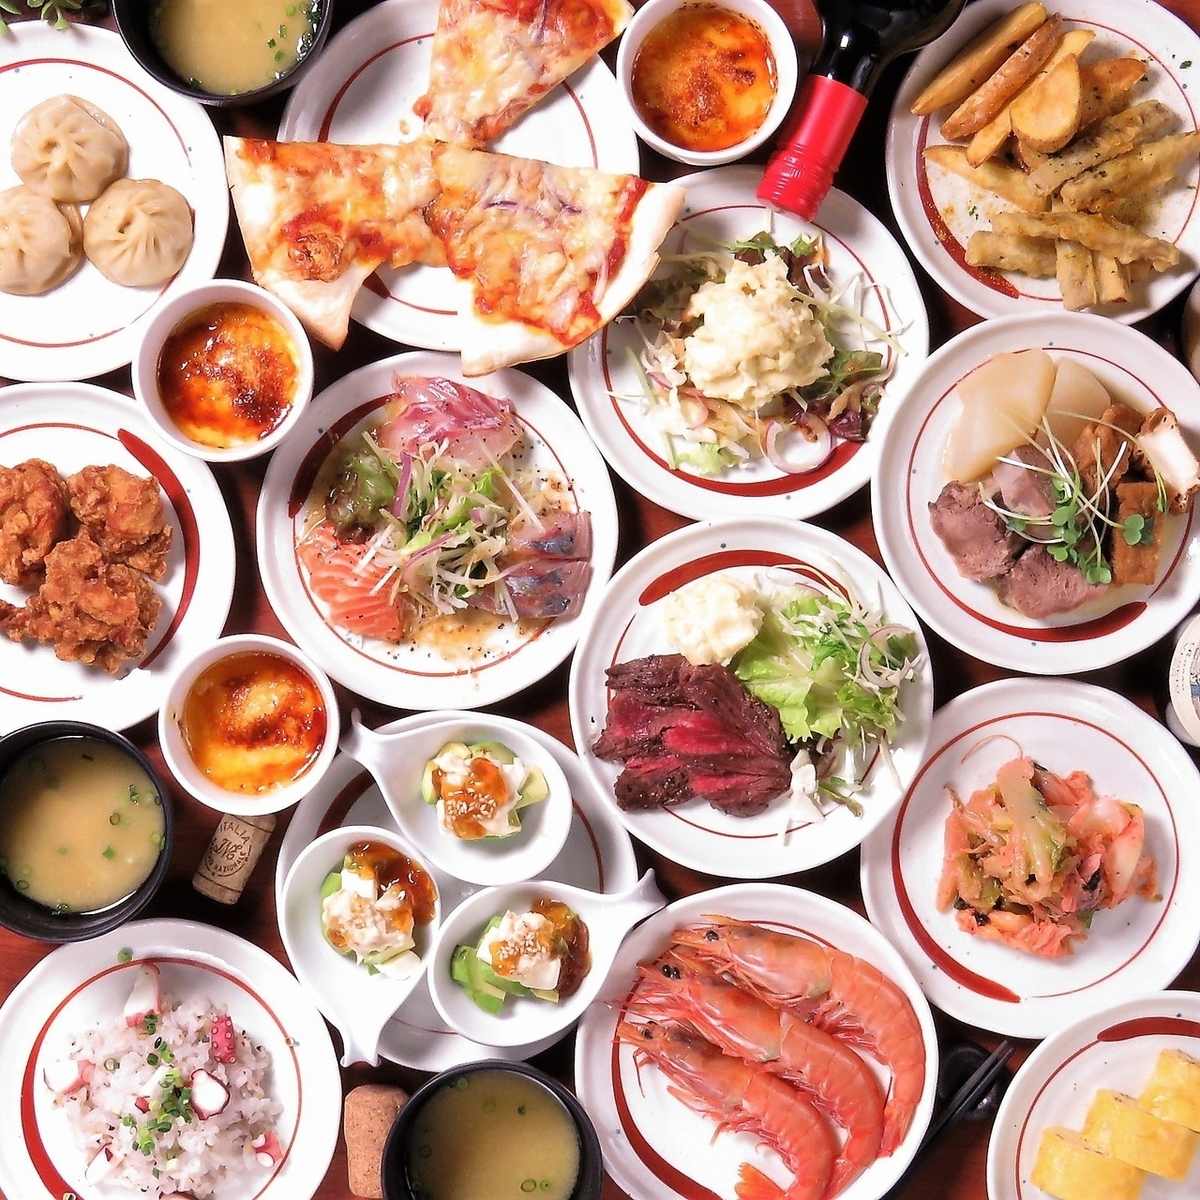 【肉×夏野菜 】りんやのいいとこどり★『りんとりコース』料理のみ10品2000円※コーヒー付き